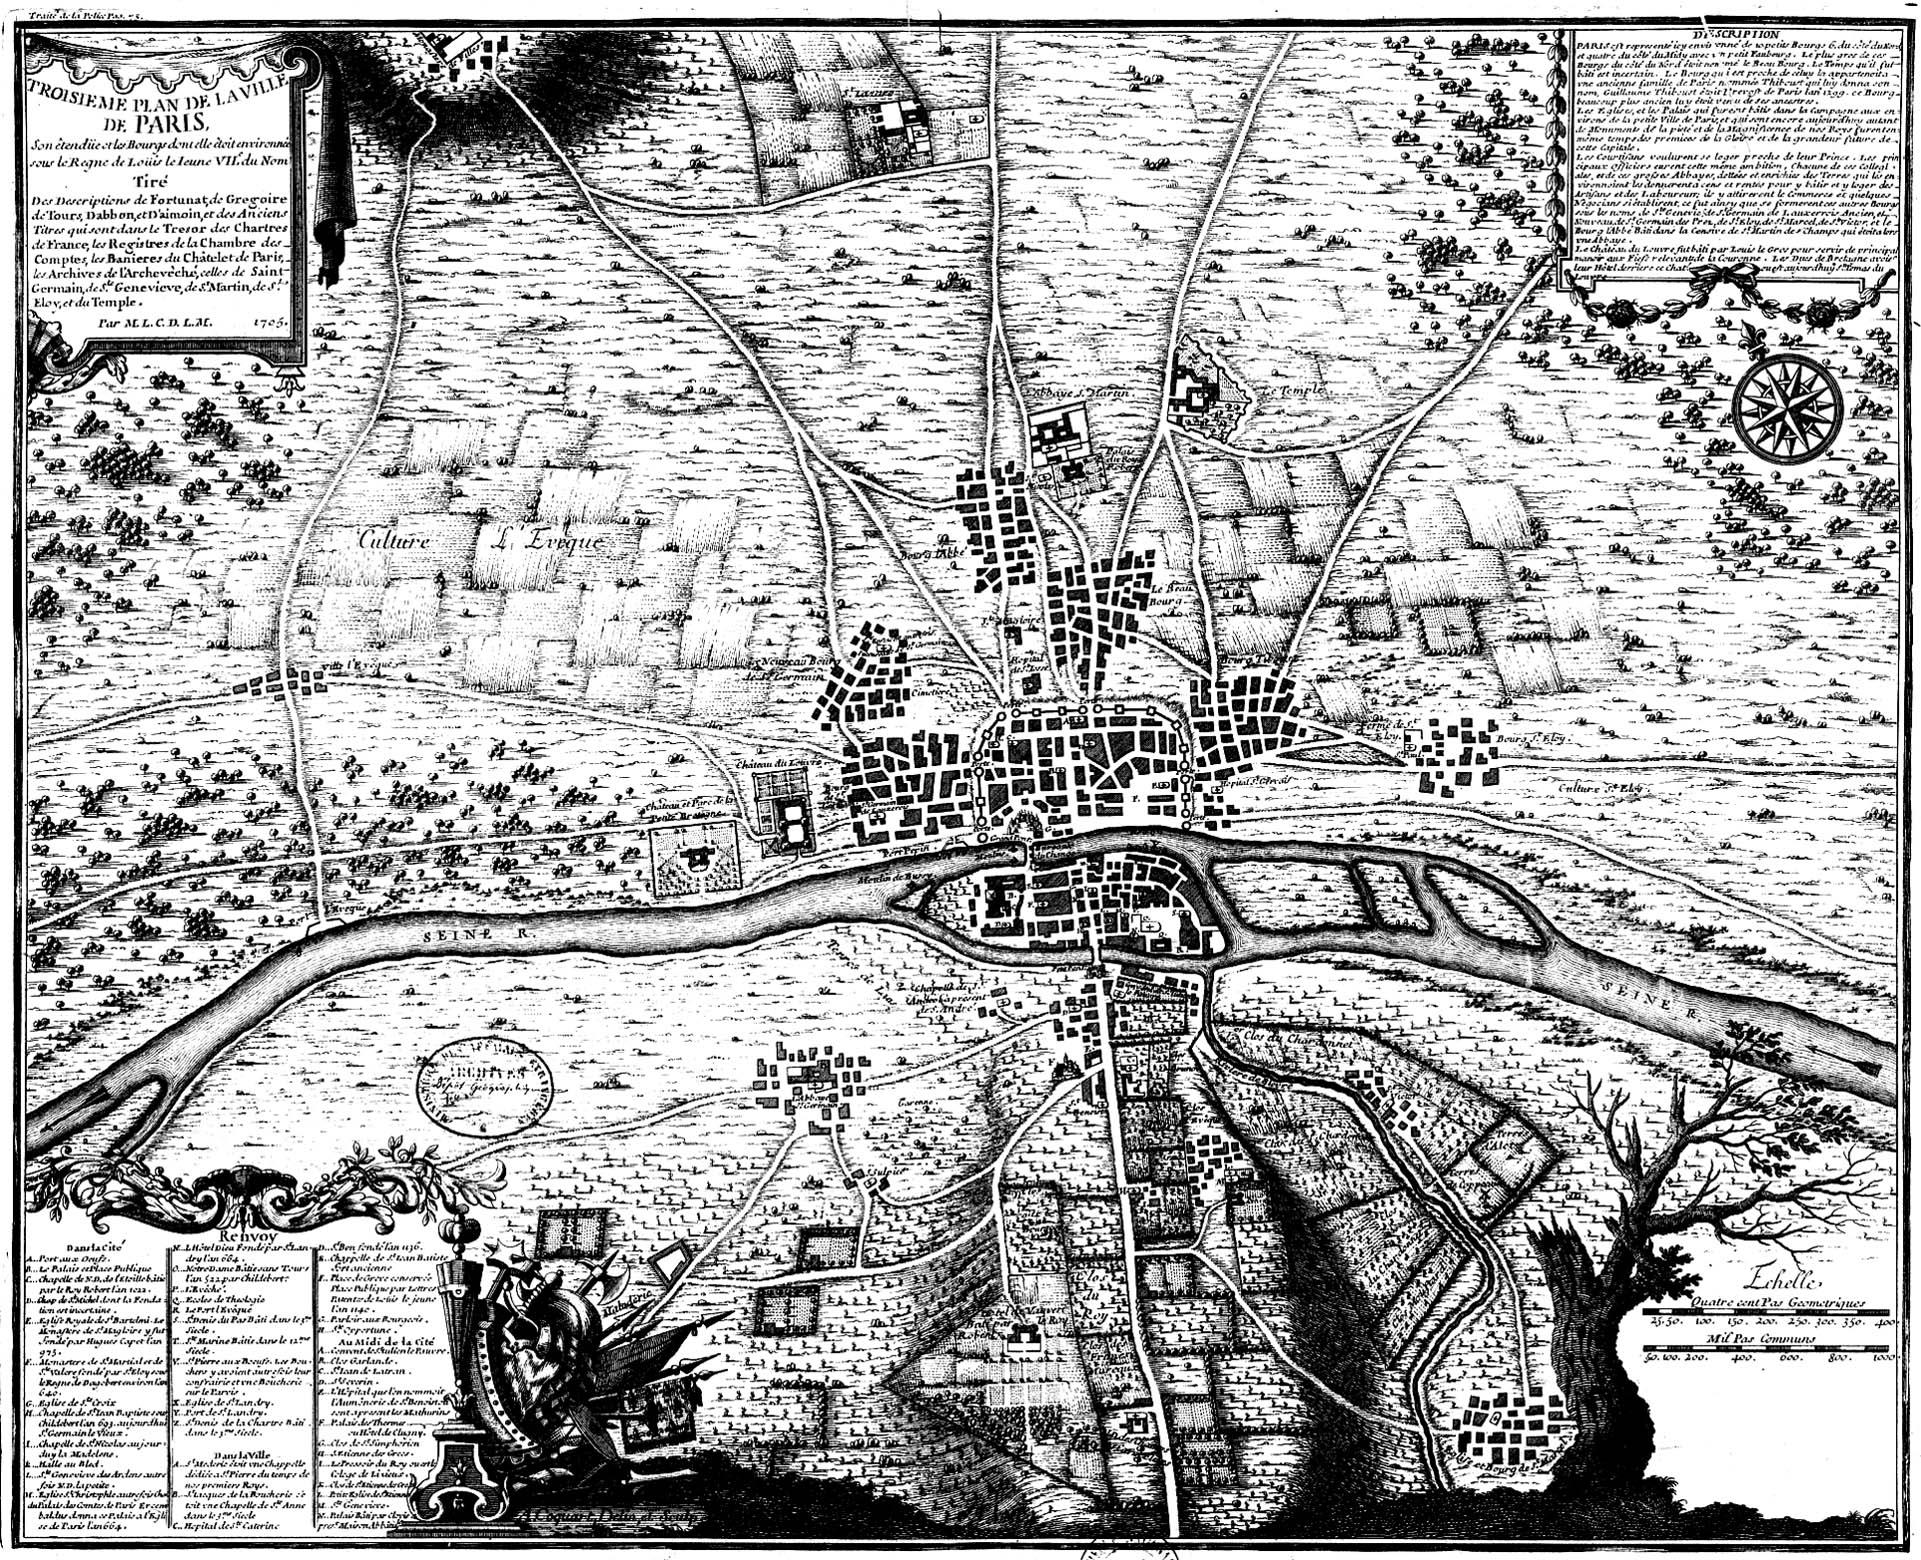 Impressionnant ... Ce plan datant de 1180 est bien un plan de la ville de Paris !A partir de la galerie : Paris